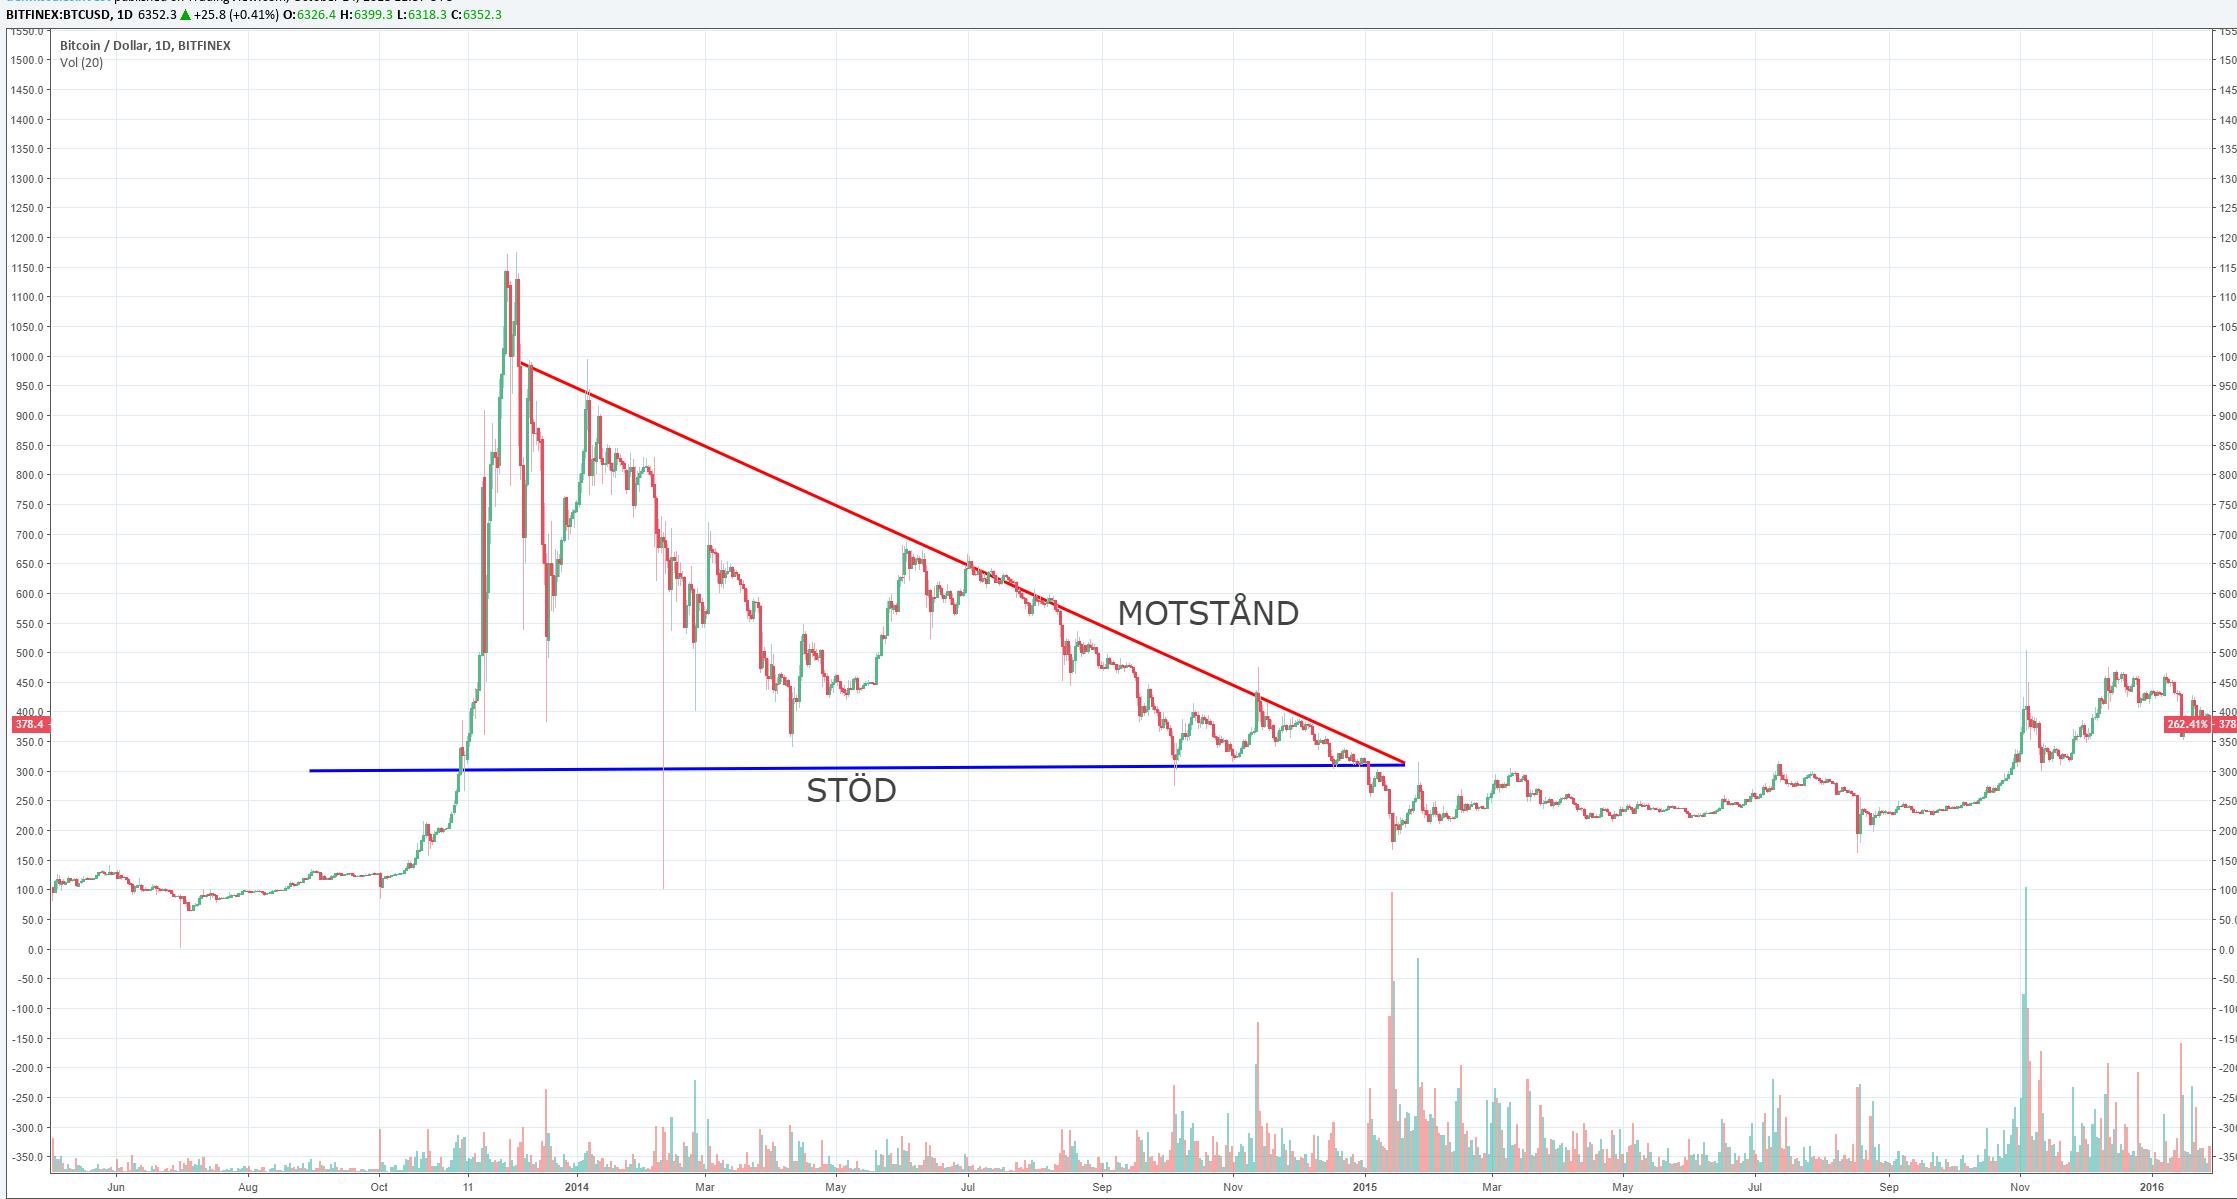 Bitcoinkursen under 2014. Diagramvy inställd på dagar.